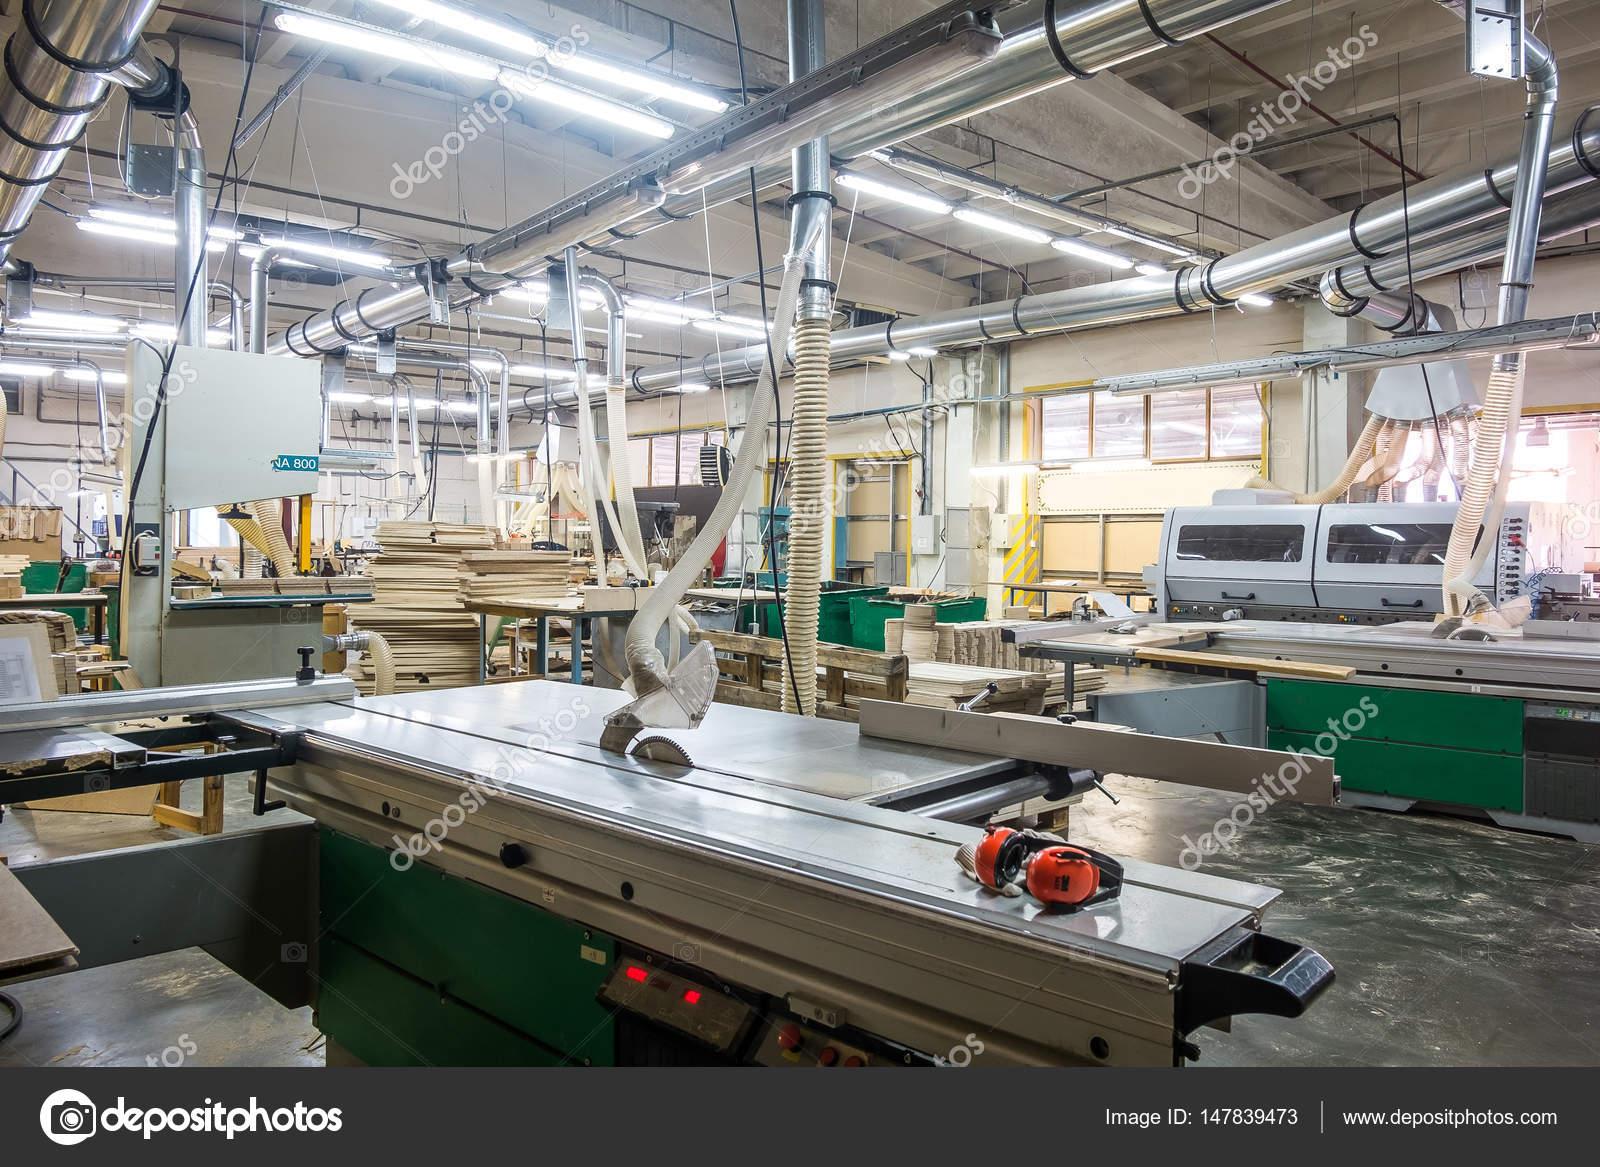 Officina per la produzione di mobili in legno in fabbrica for Immagini mobili